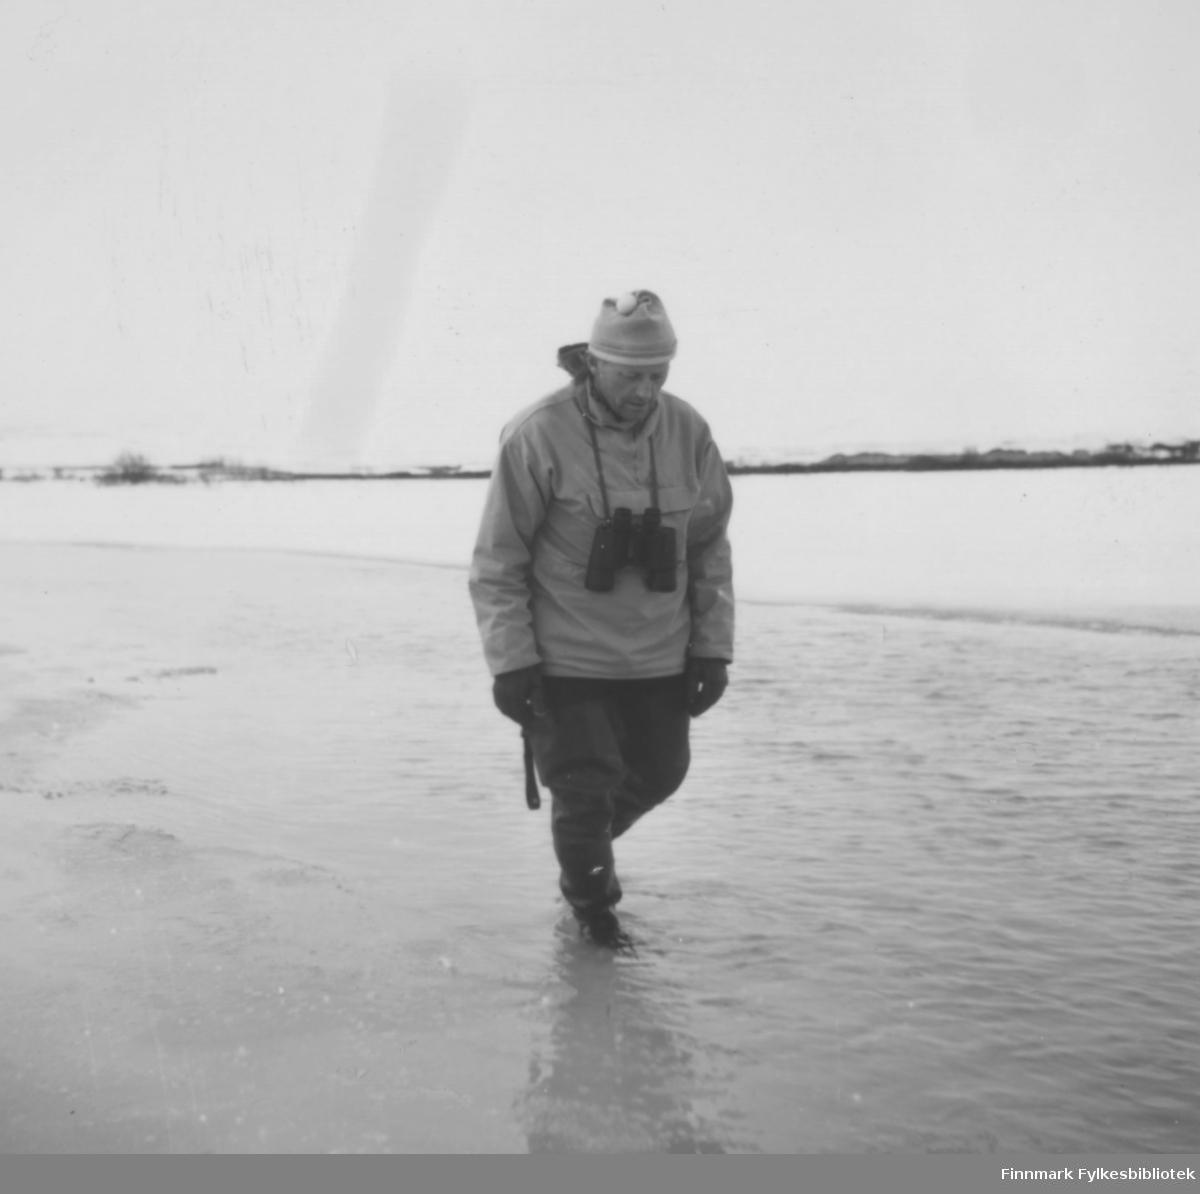 Fritz Ebeltoft vasser langs en strand, kanskje i Komagvær? Han er godt kledd, og det ser ut til å være snø i landskapet bak ham. Raundt halsen har han en kikkert. Bildet er antakelig tatt om våren, ca. 1960-1965?